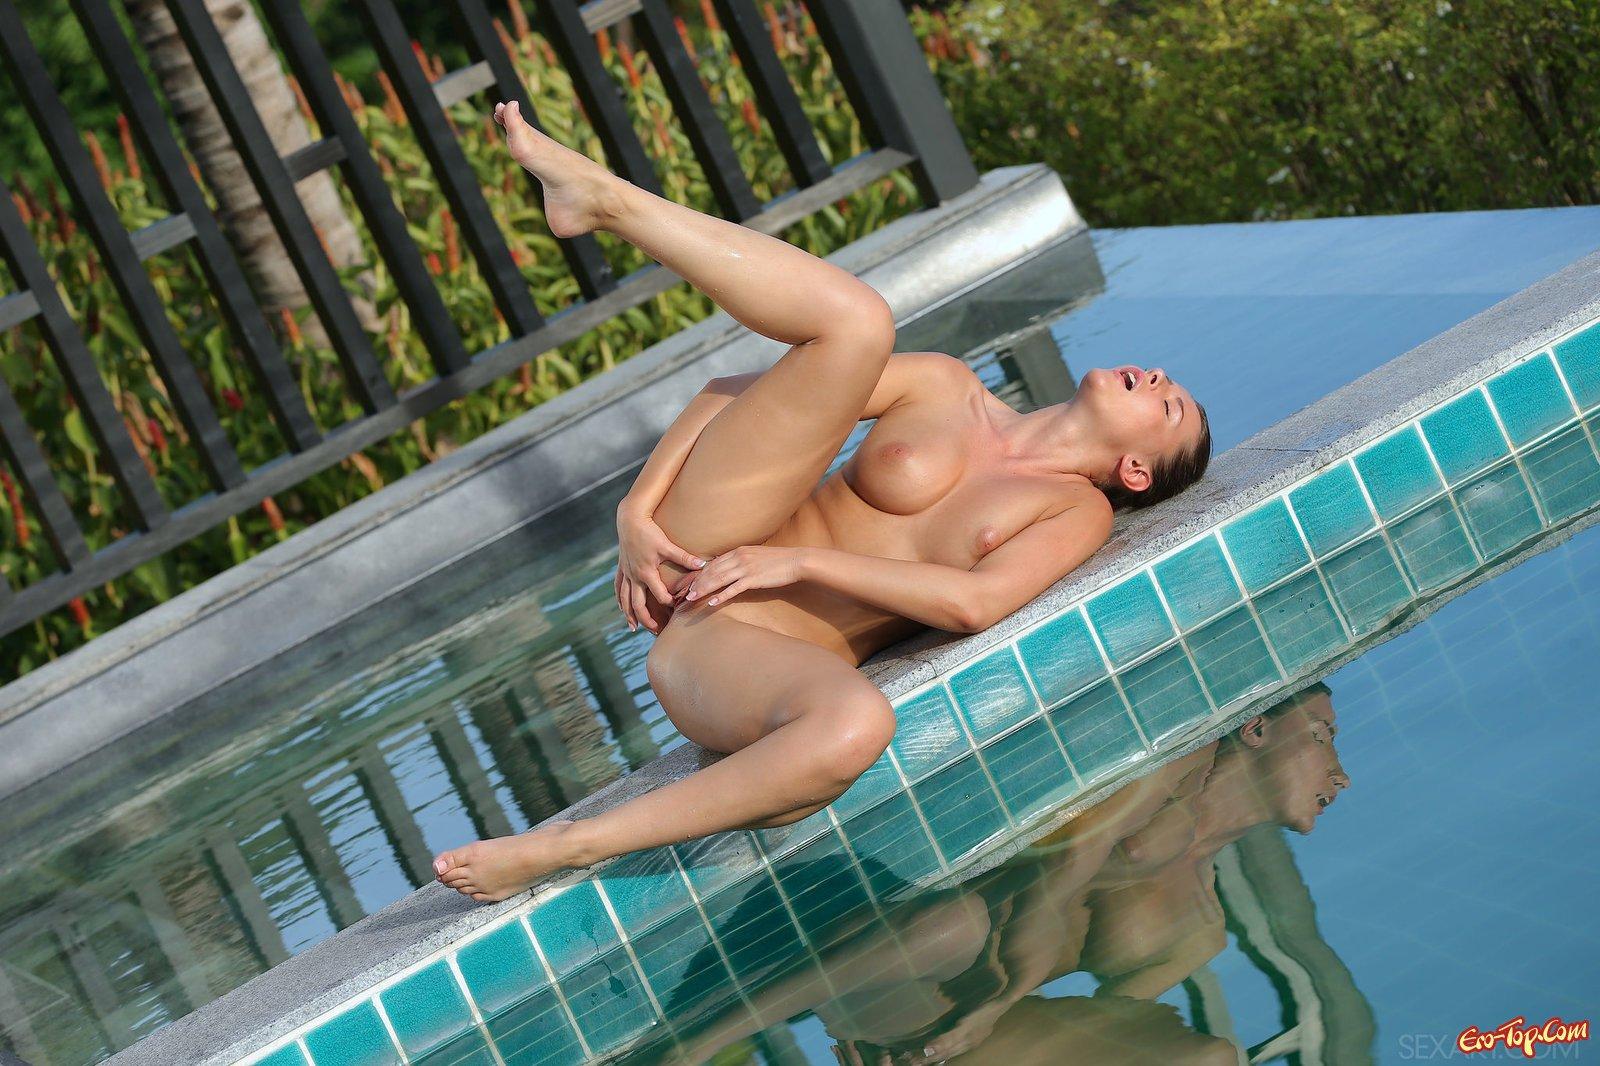 Стройная красавица ласкает обнаженное тело у бассейна